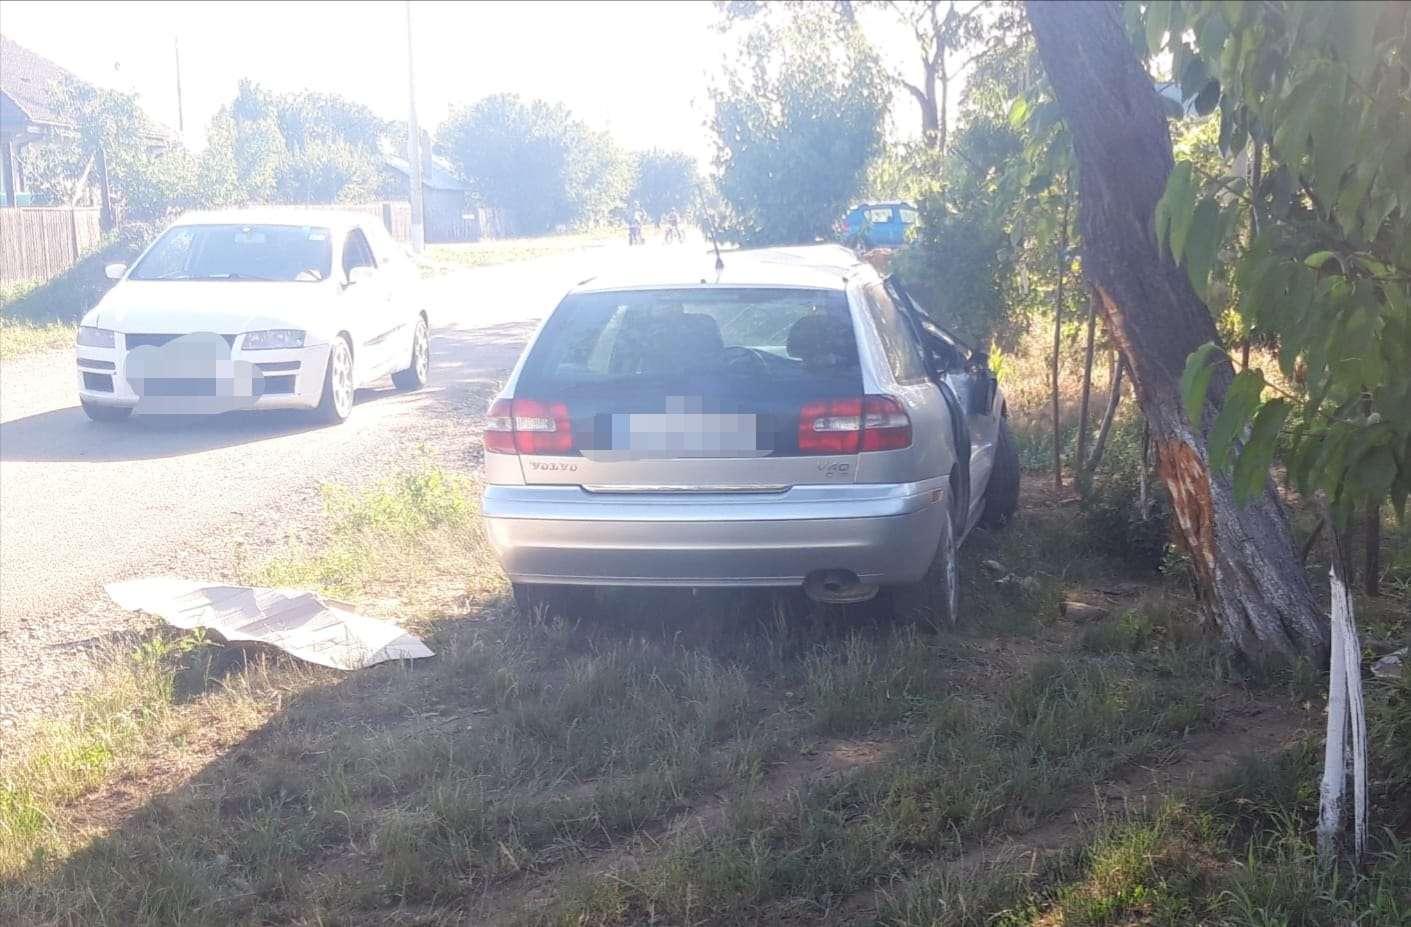 IALOMIȚA: Accident violent in localitatea Andrasesti! Două persoane au fost rănite!